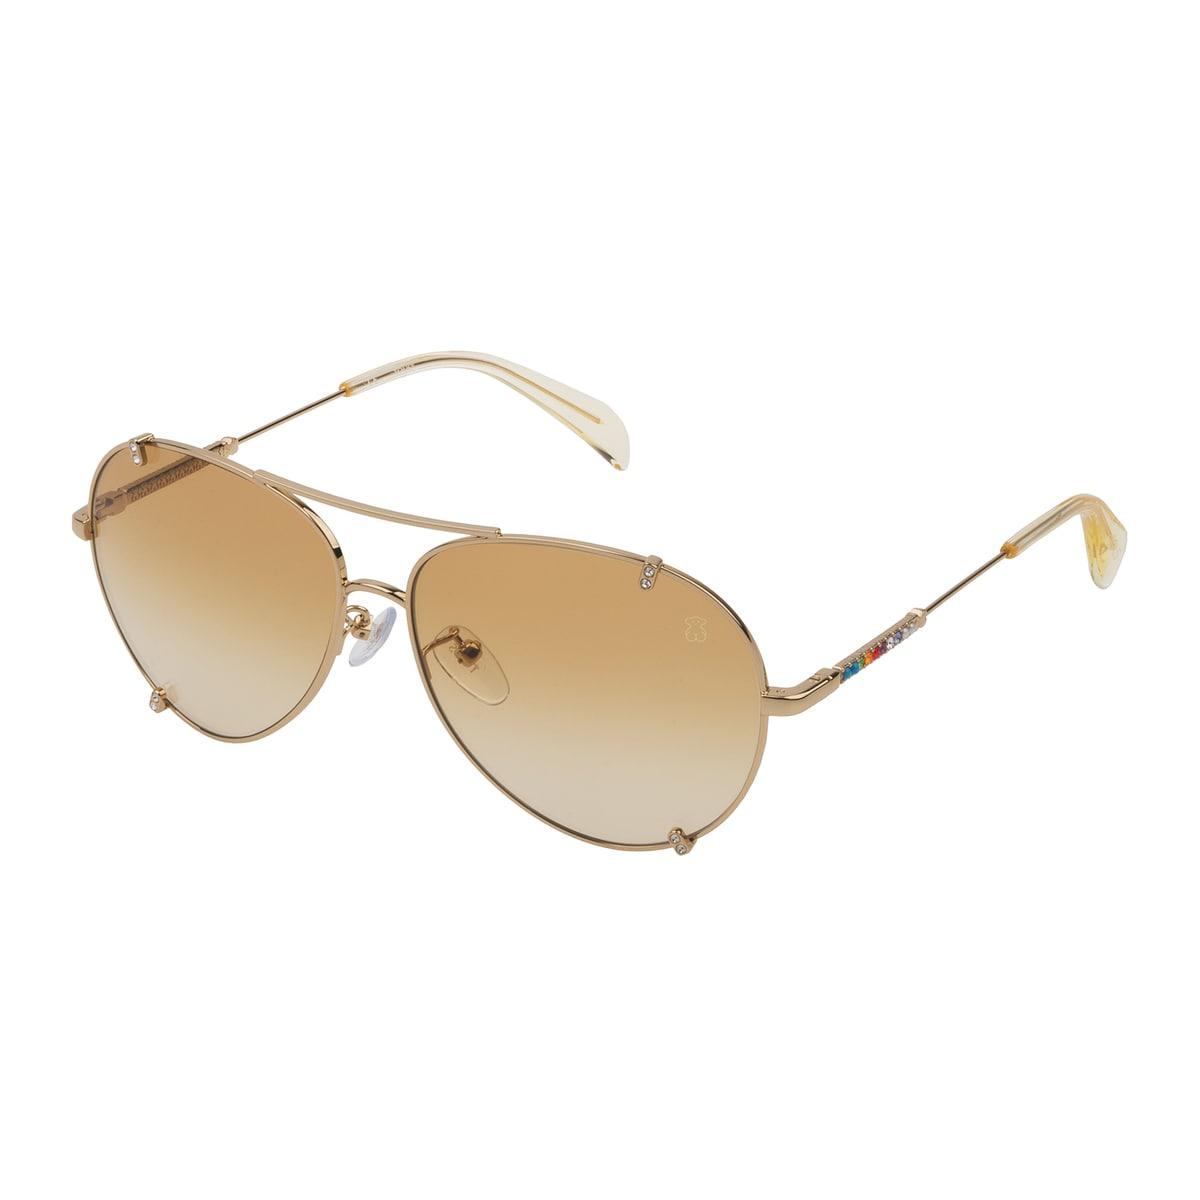 Óculos de sol Straight Gema em Metal na cor ouro